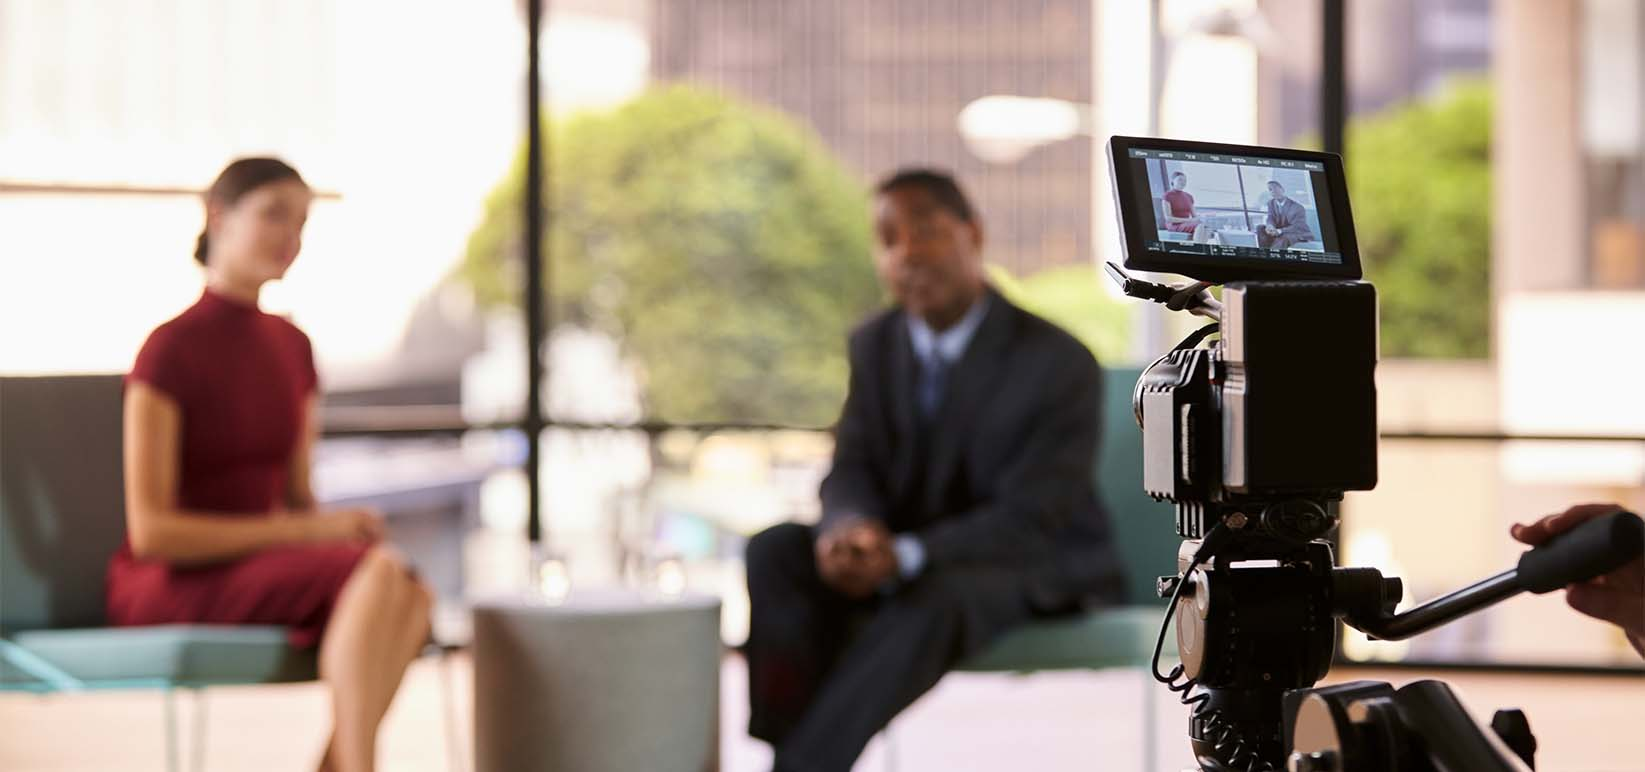 DTL interview image 2.jpg